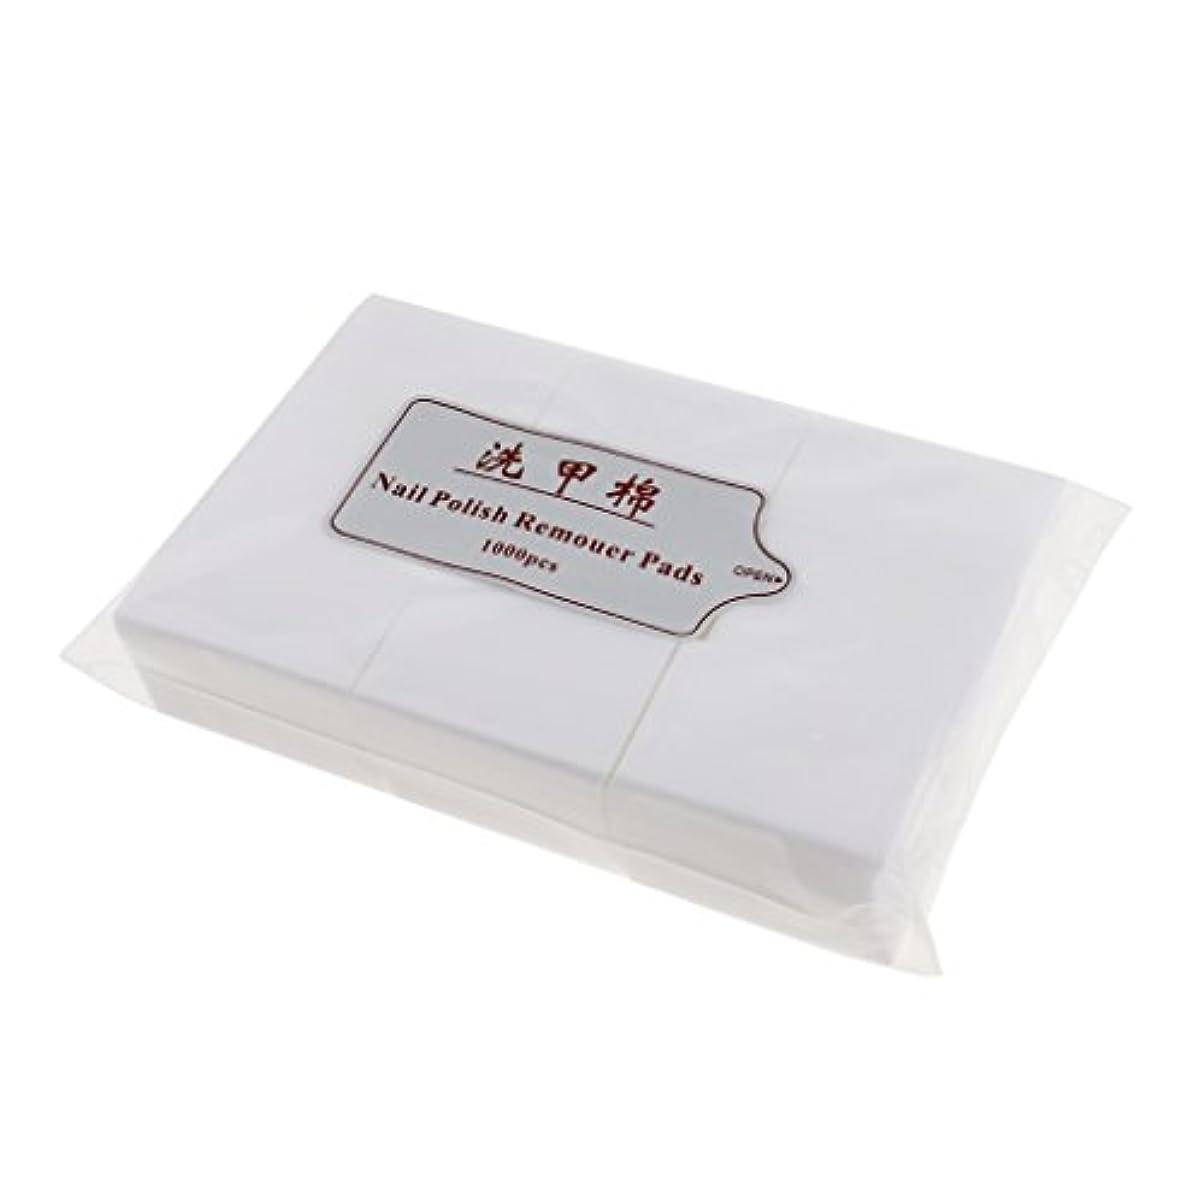 縮約苦味クックPerfk 約1000個 ネイルコットンパッド ネイルアートチップ パッド紙 マニキュア 吸水性 衛生的 ネイルサロン